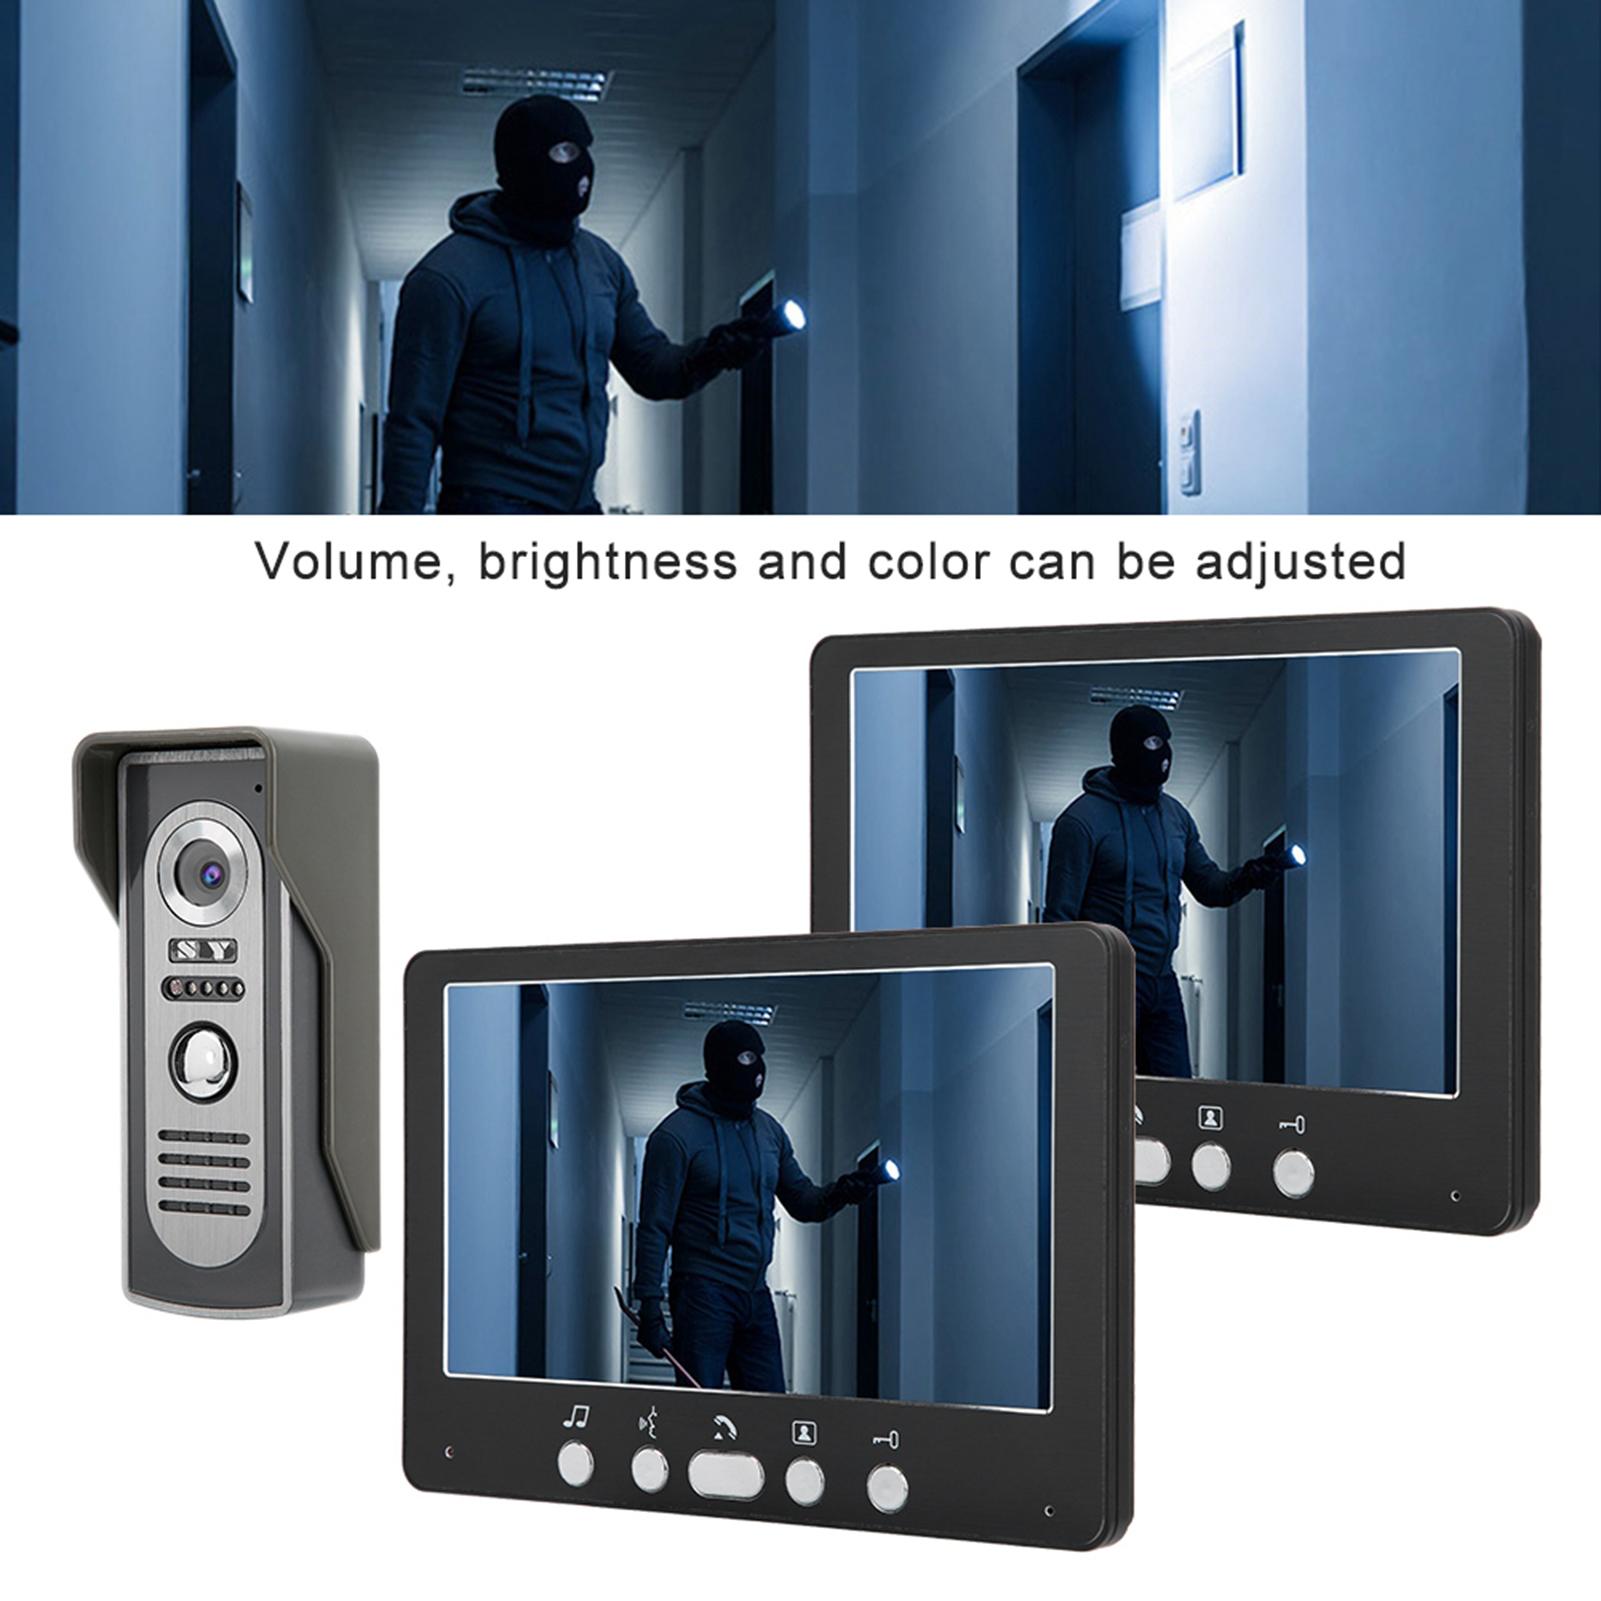 Audio-Intercom-Doorbell-7in-TFT-LCD-Video-Camera-Outdoor-Night-View-Waterproof miniature 24